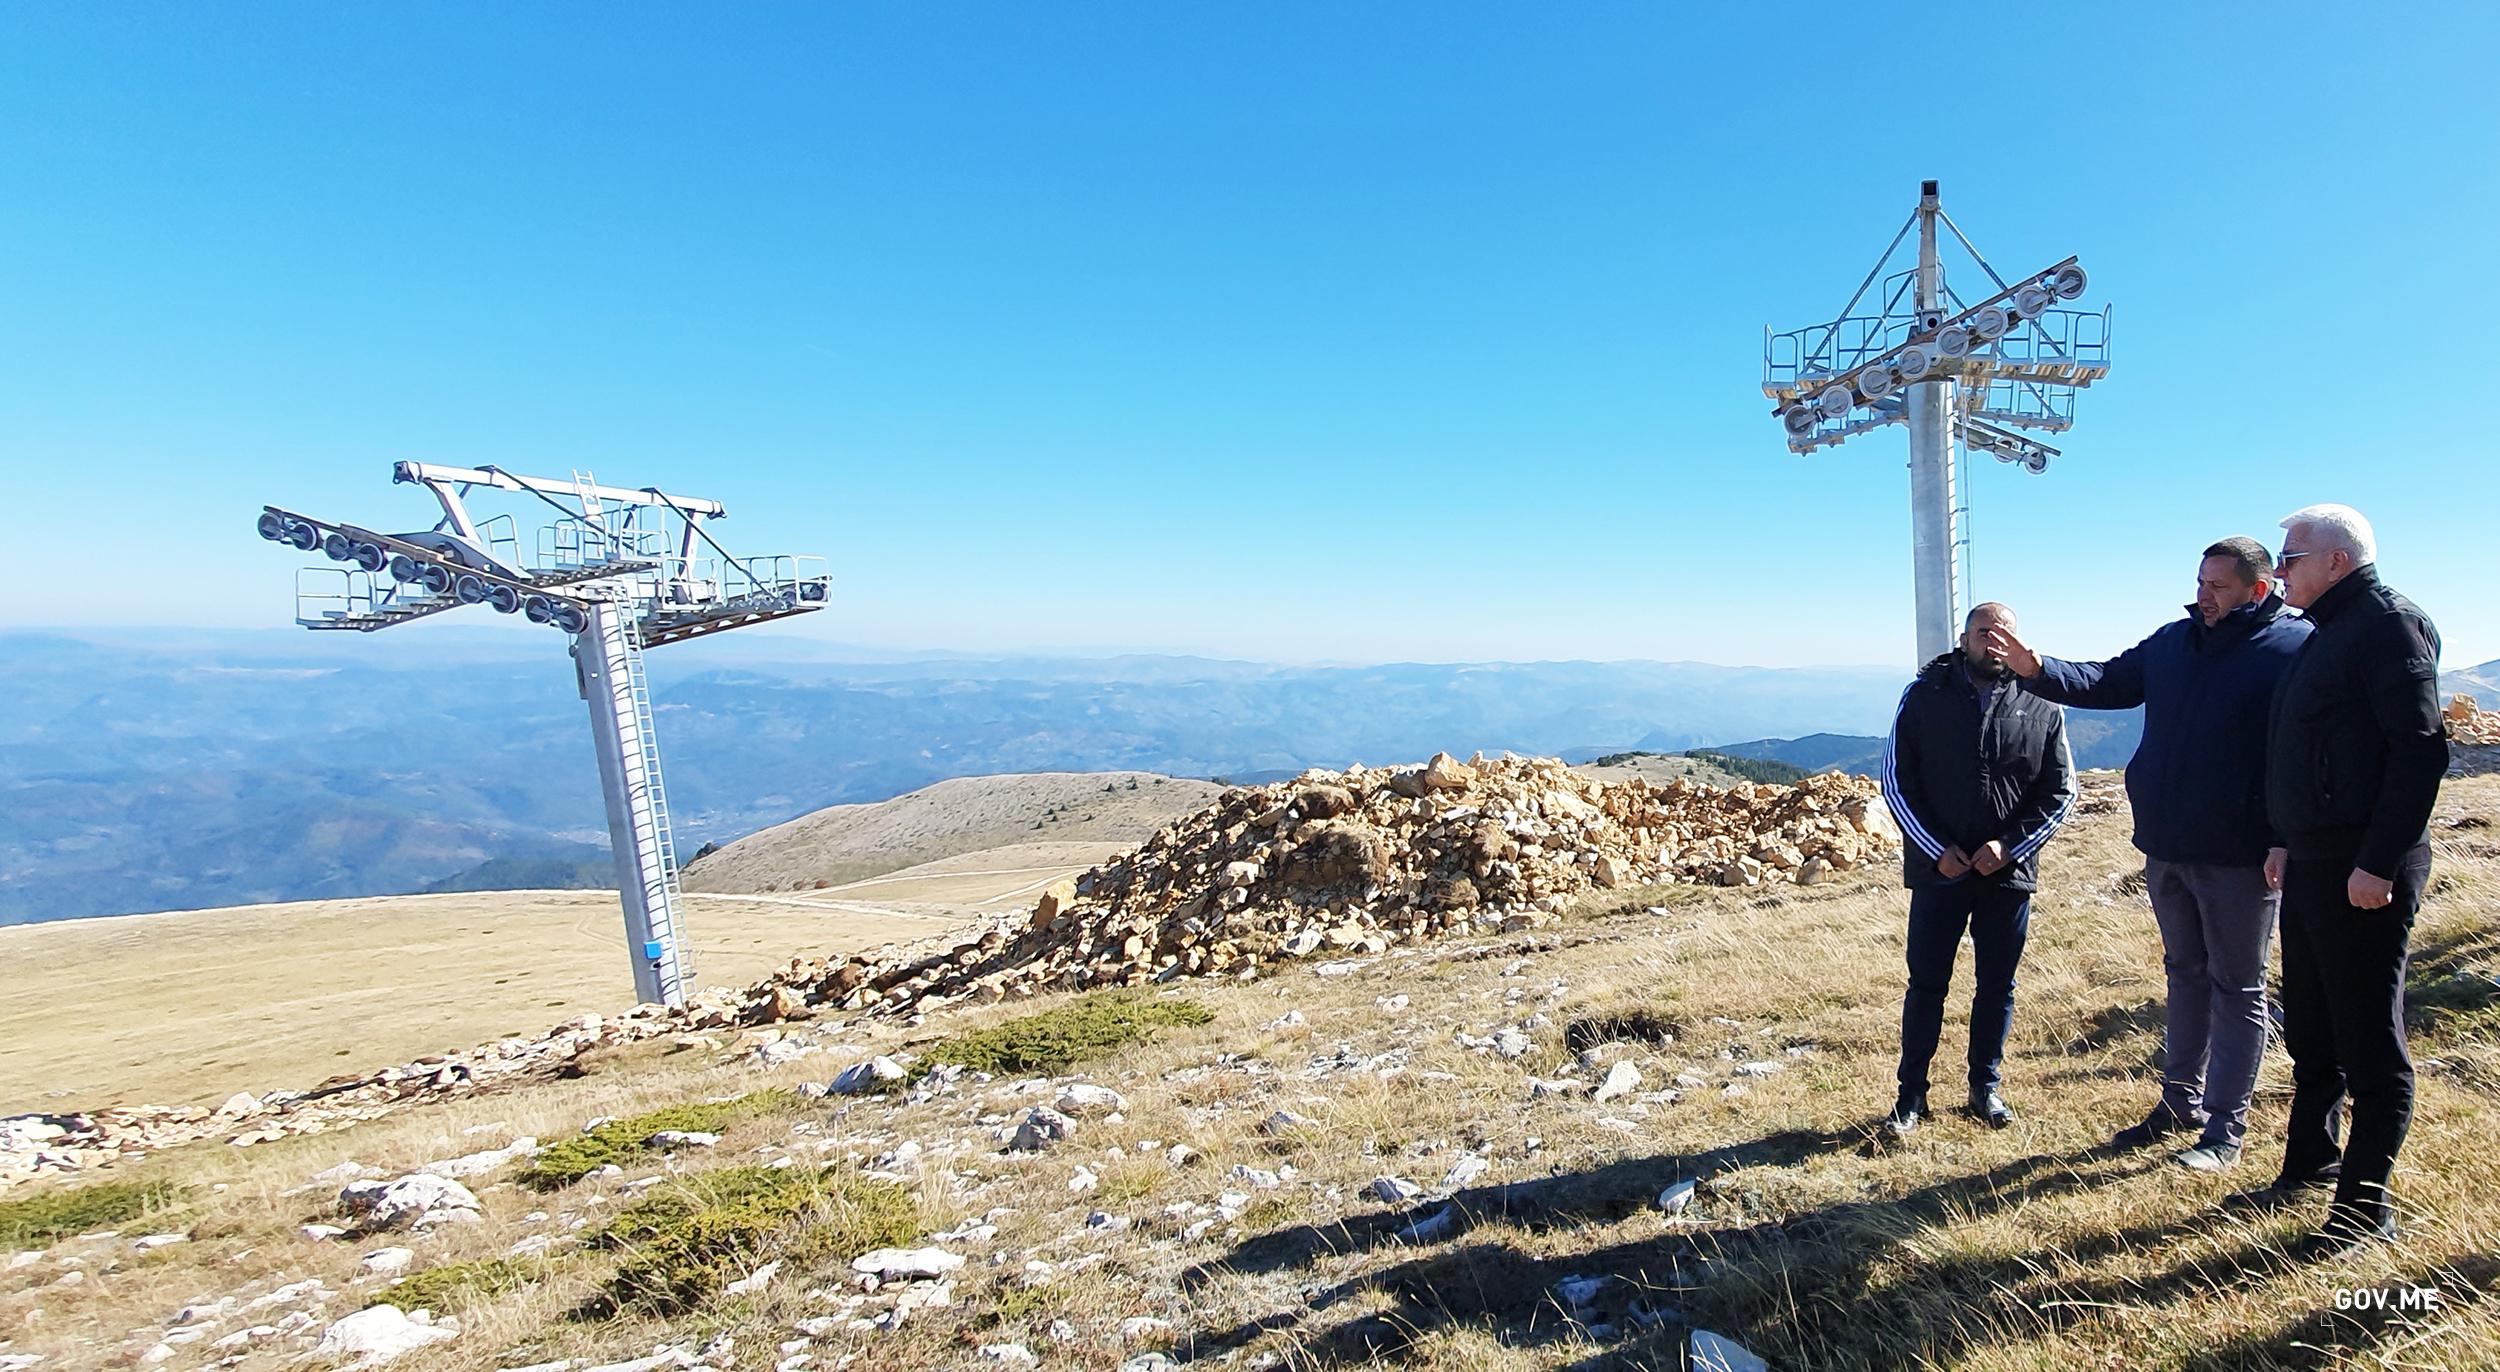 Premijer Marković na Cmiljači: Ski centar koji ovdje gradimo, i turistički kompleks na Bjelasici biće novi zamajac ekonomiji i donijeće nova radna mjesta i prilike za mlade